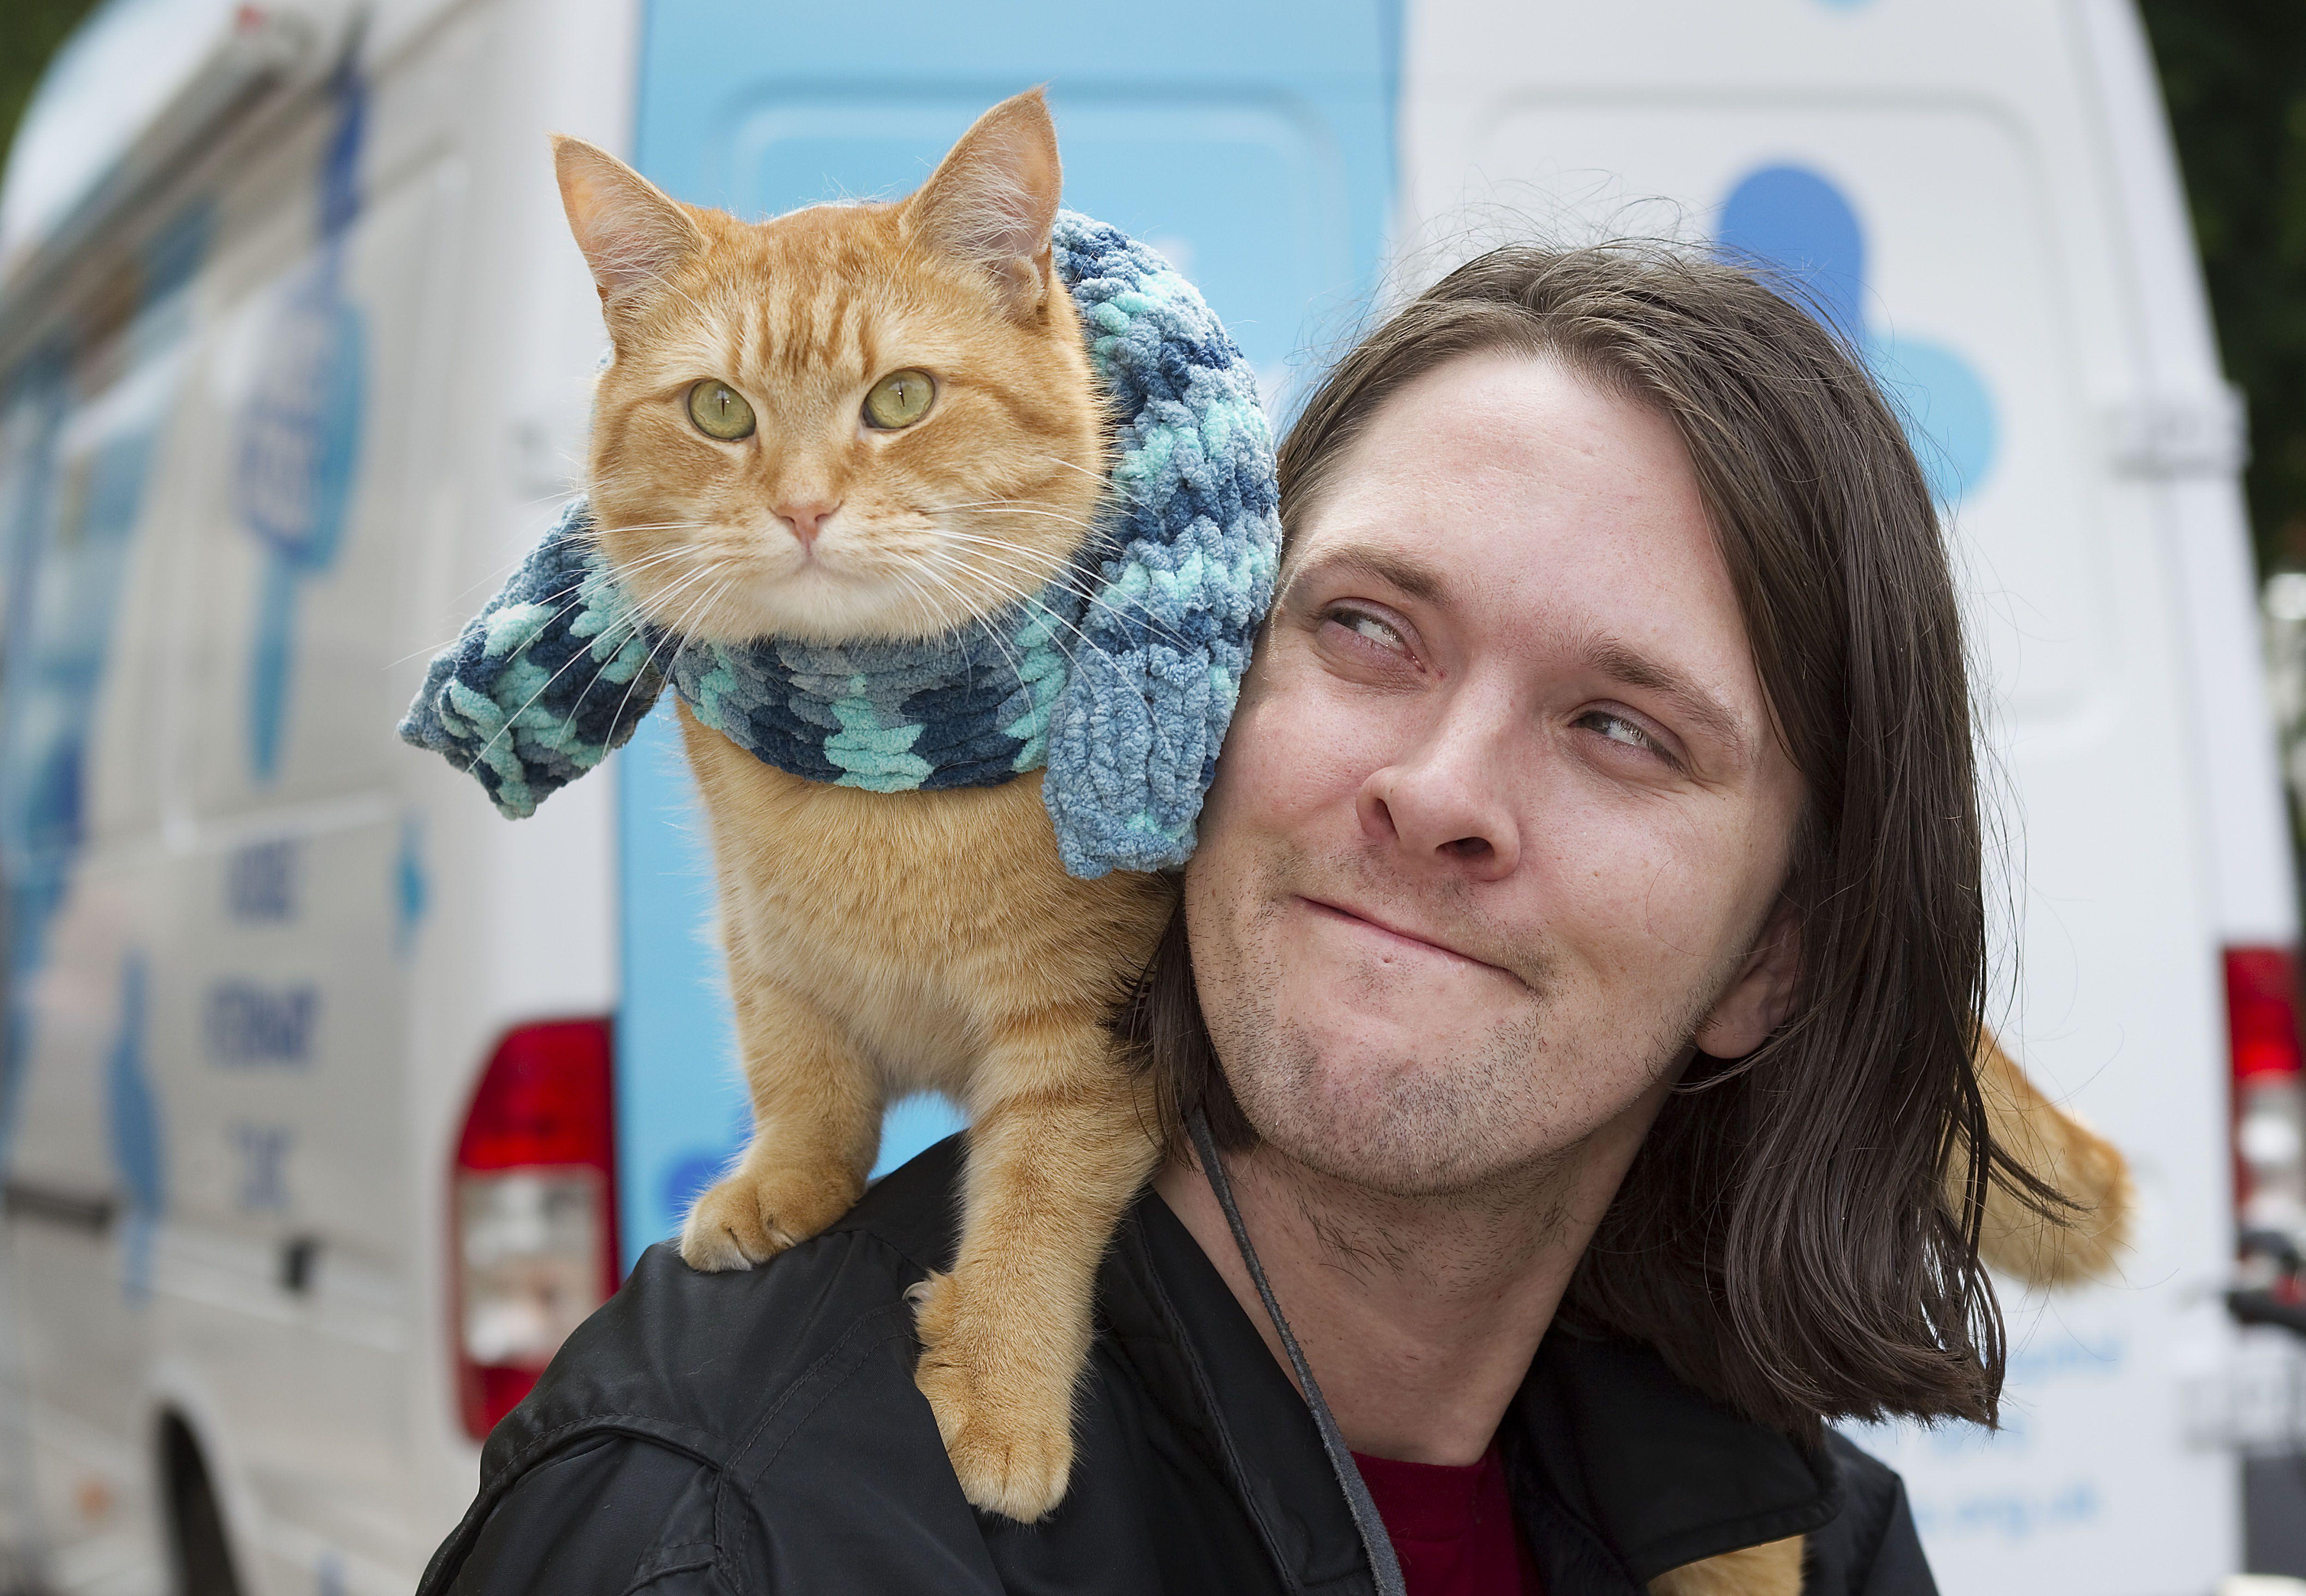 A street cat named Bob Cat names, Cats, Street cat bob